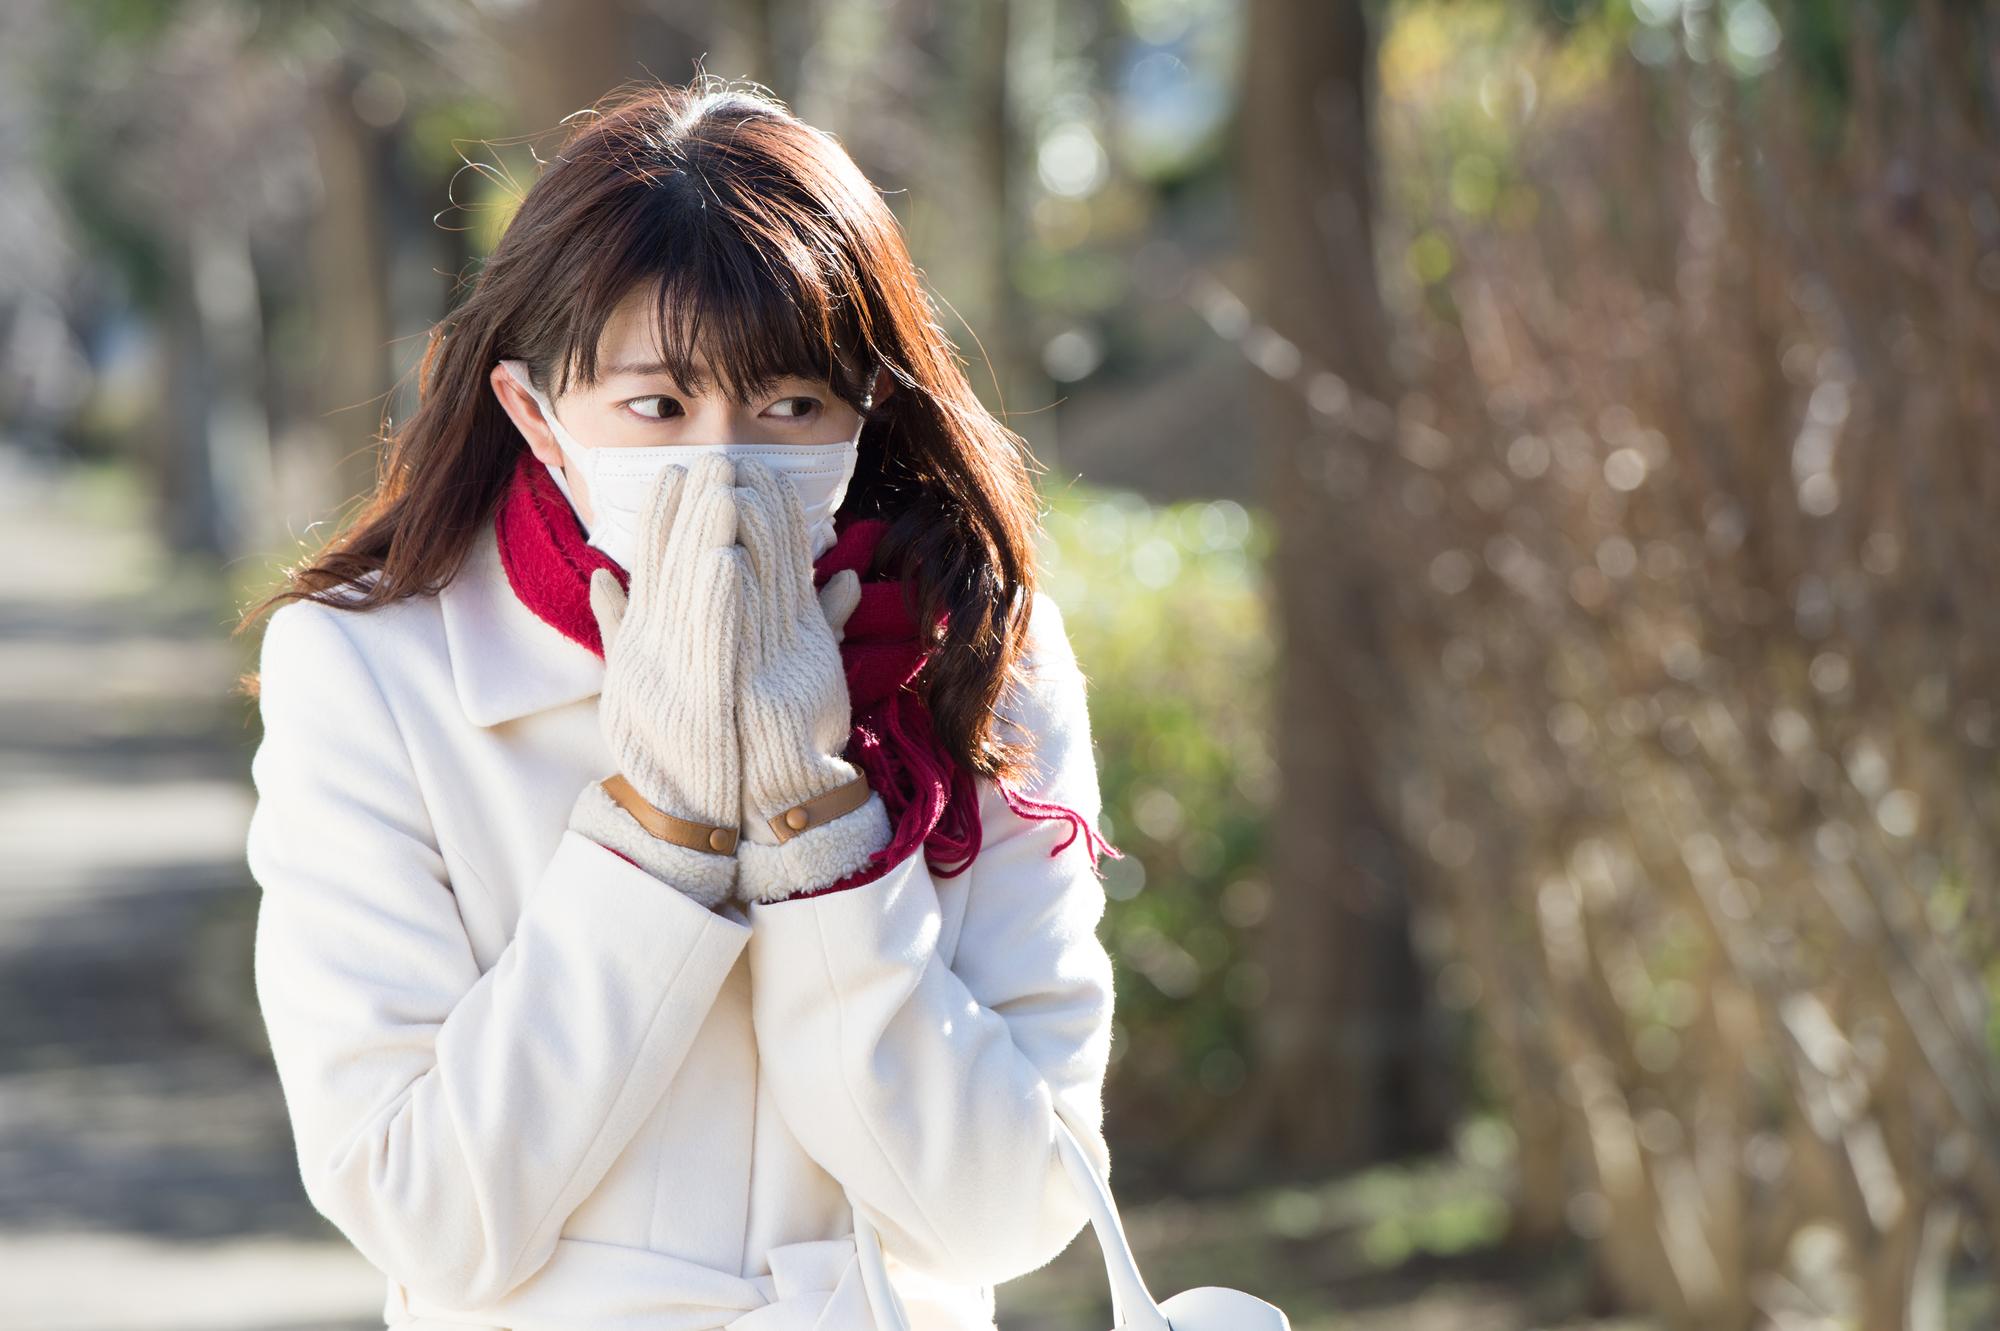 冬になると冷えを感じる